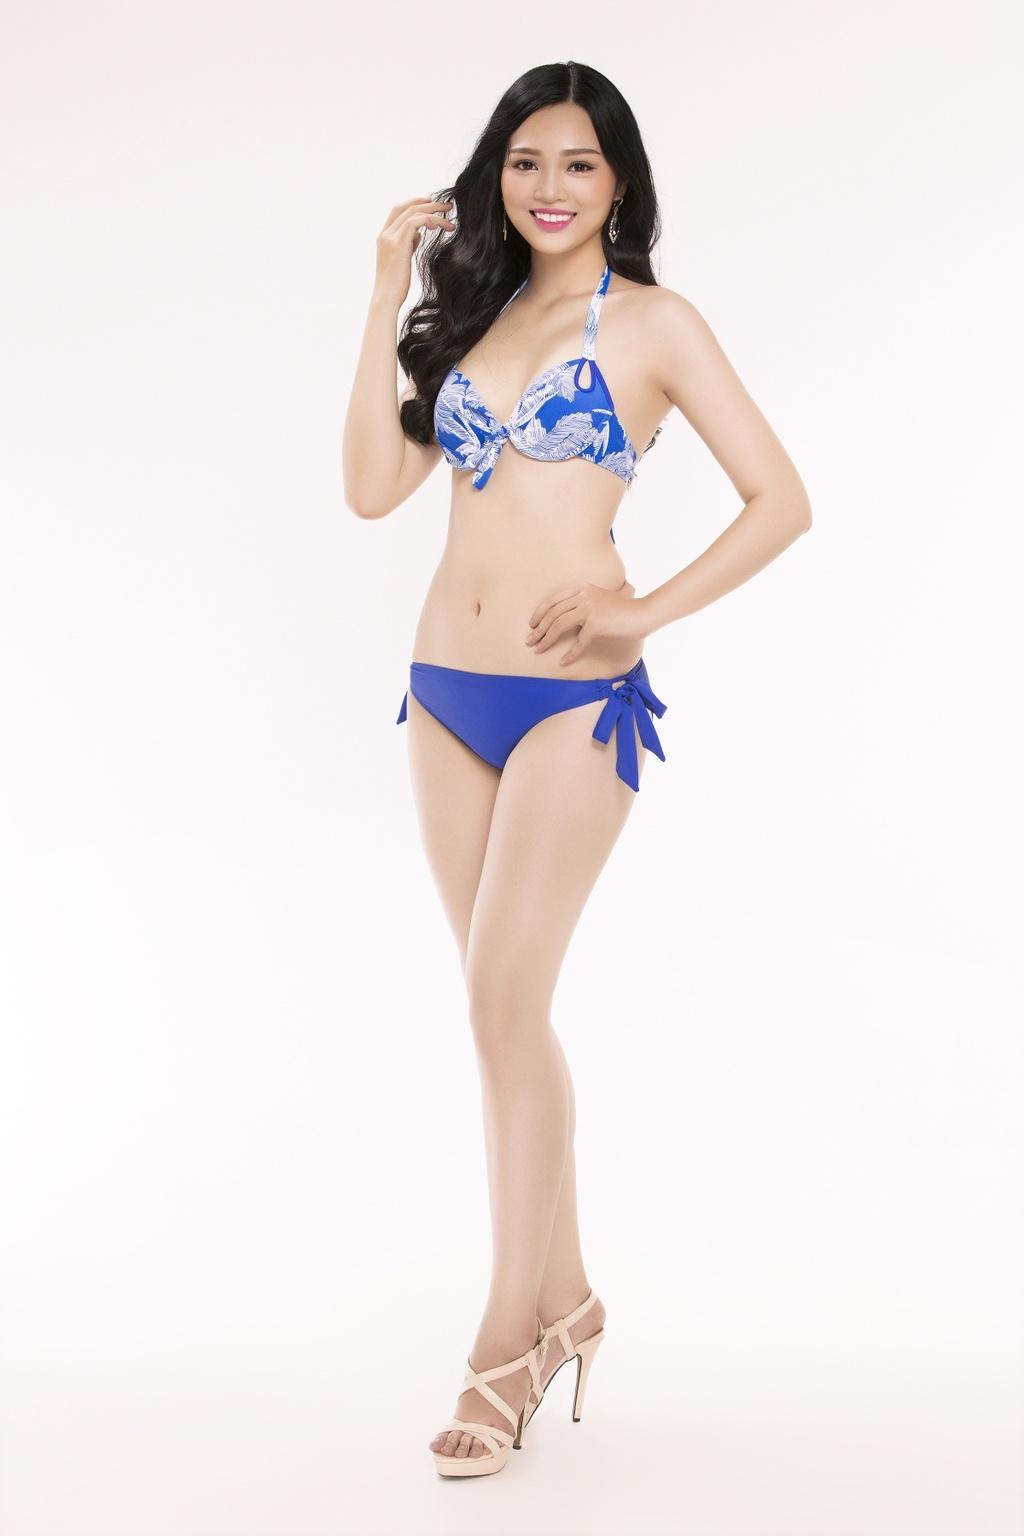 Nguoi dep Hoa hau Viet Nam 2016 tao dang voi bikini hinh anh 25